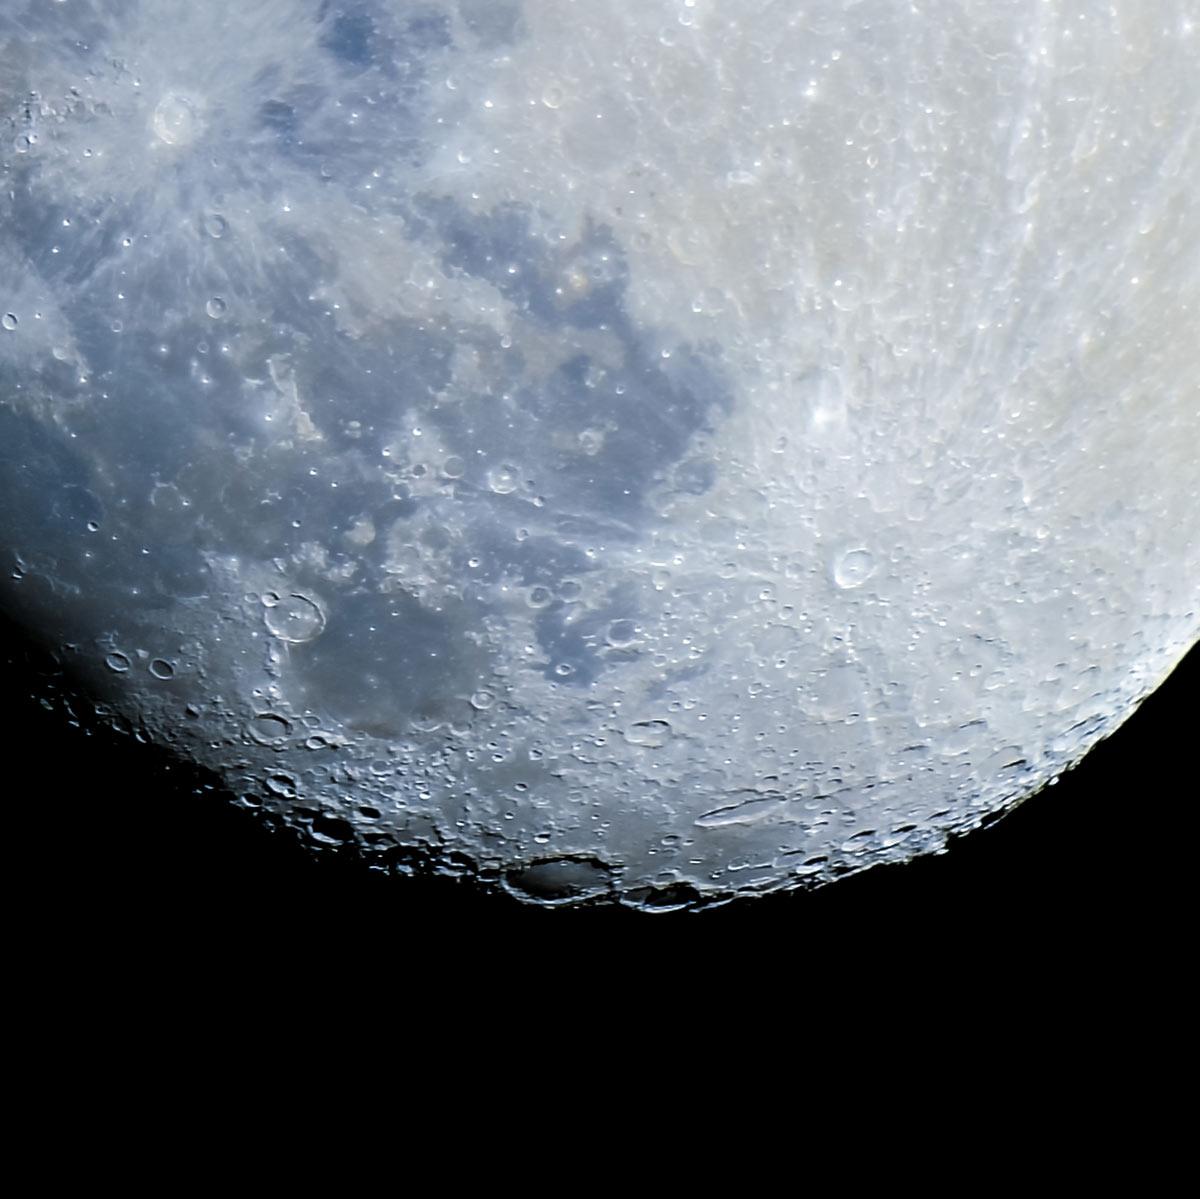 100% Mond ausschnitt bei 1000mm